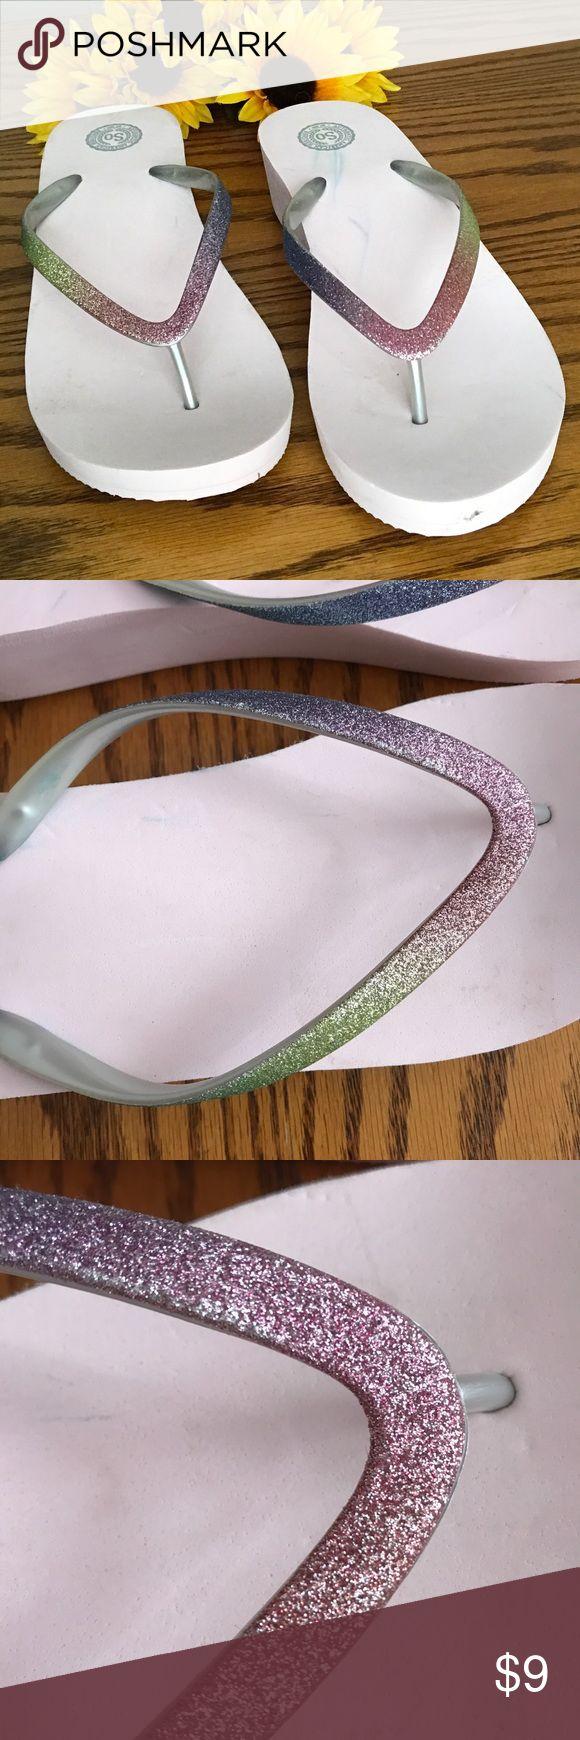 NWOT pink platform glitter flip flops. size 9-10 NWOT pink platform rainbow glitter flip flops. size 9-10 large SO Shoes Sandals